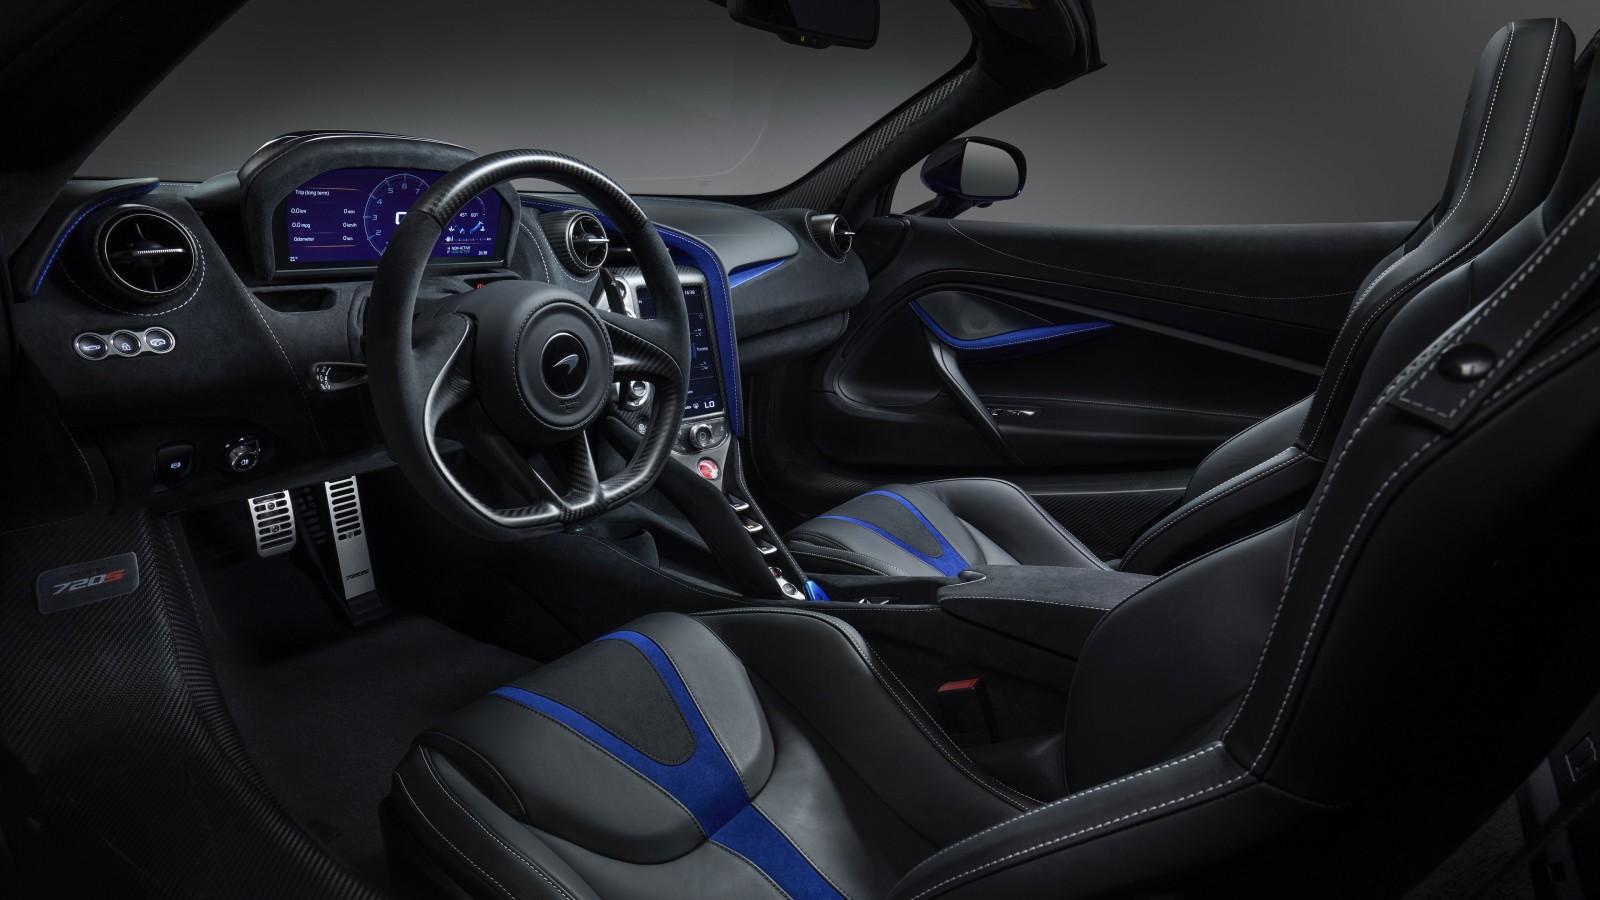 McLaren 720S Spider by MSO Geneva 2019 Interior 5K ...